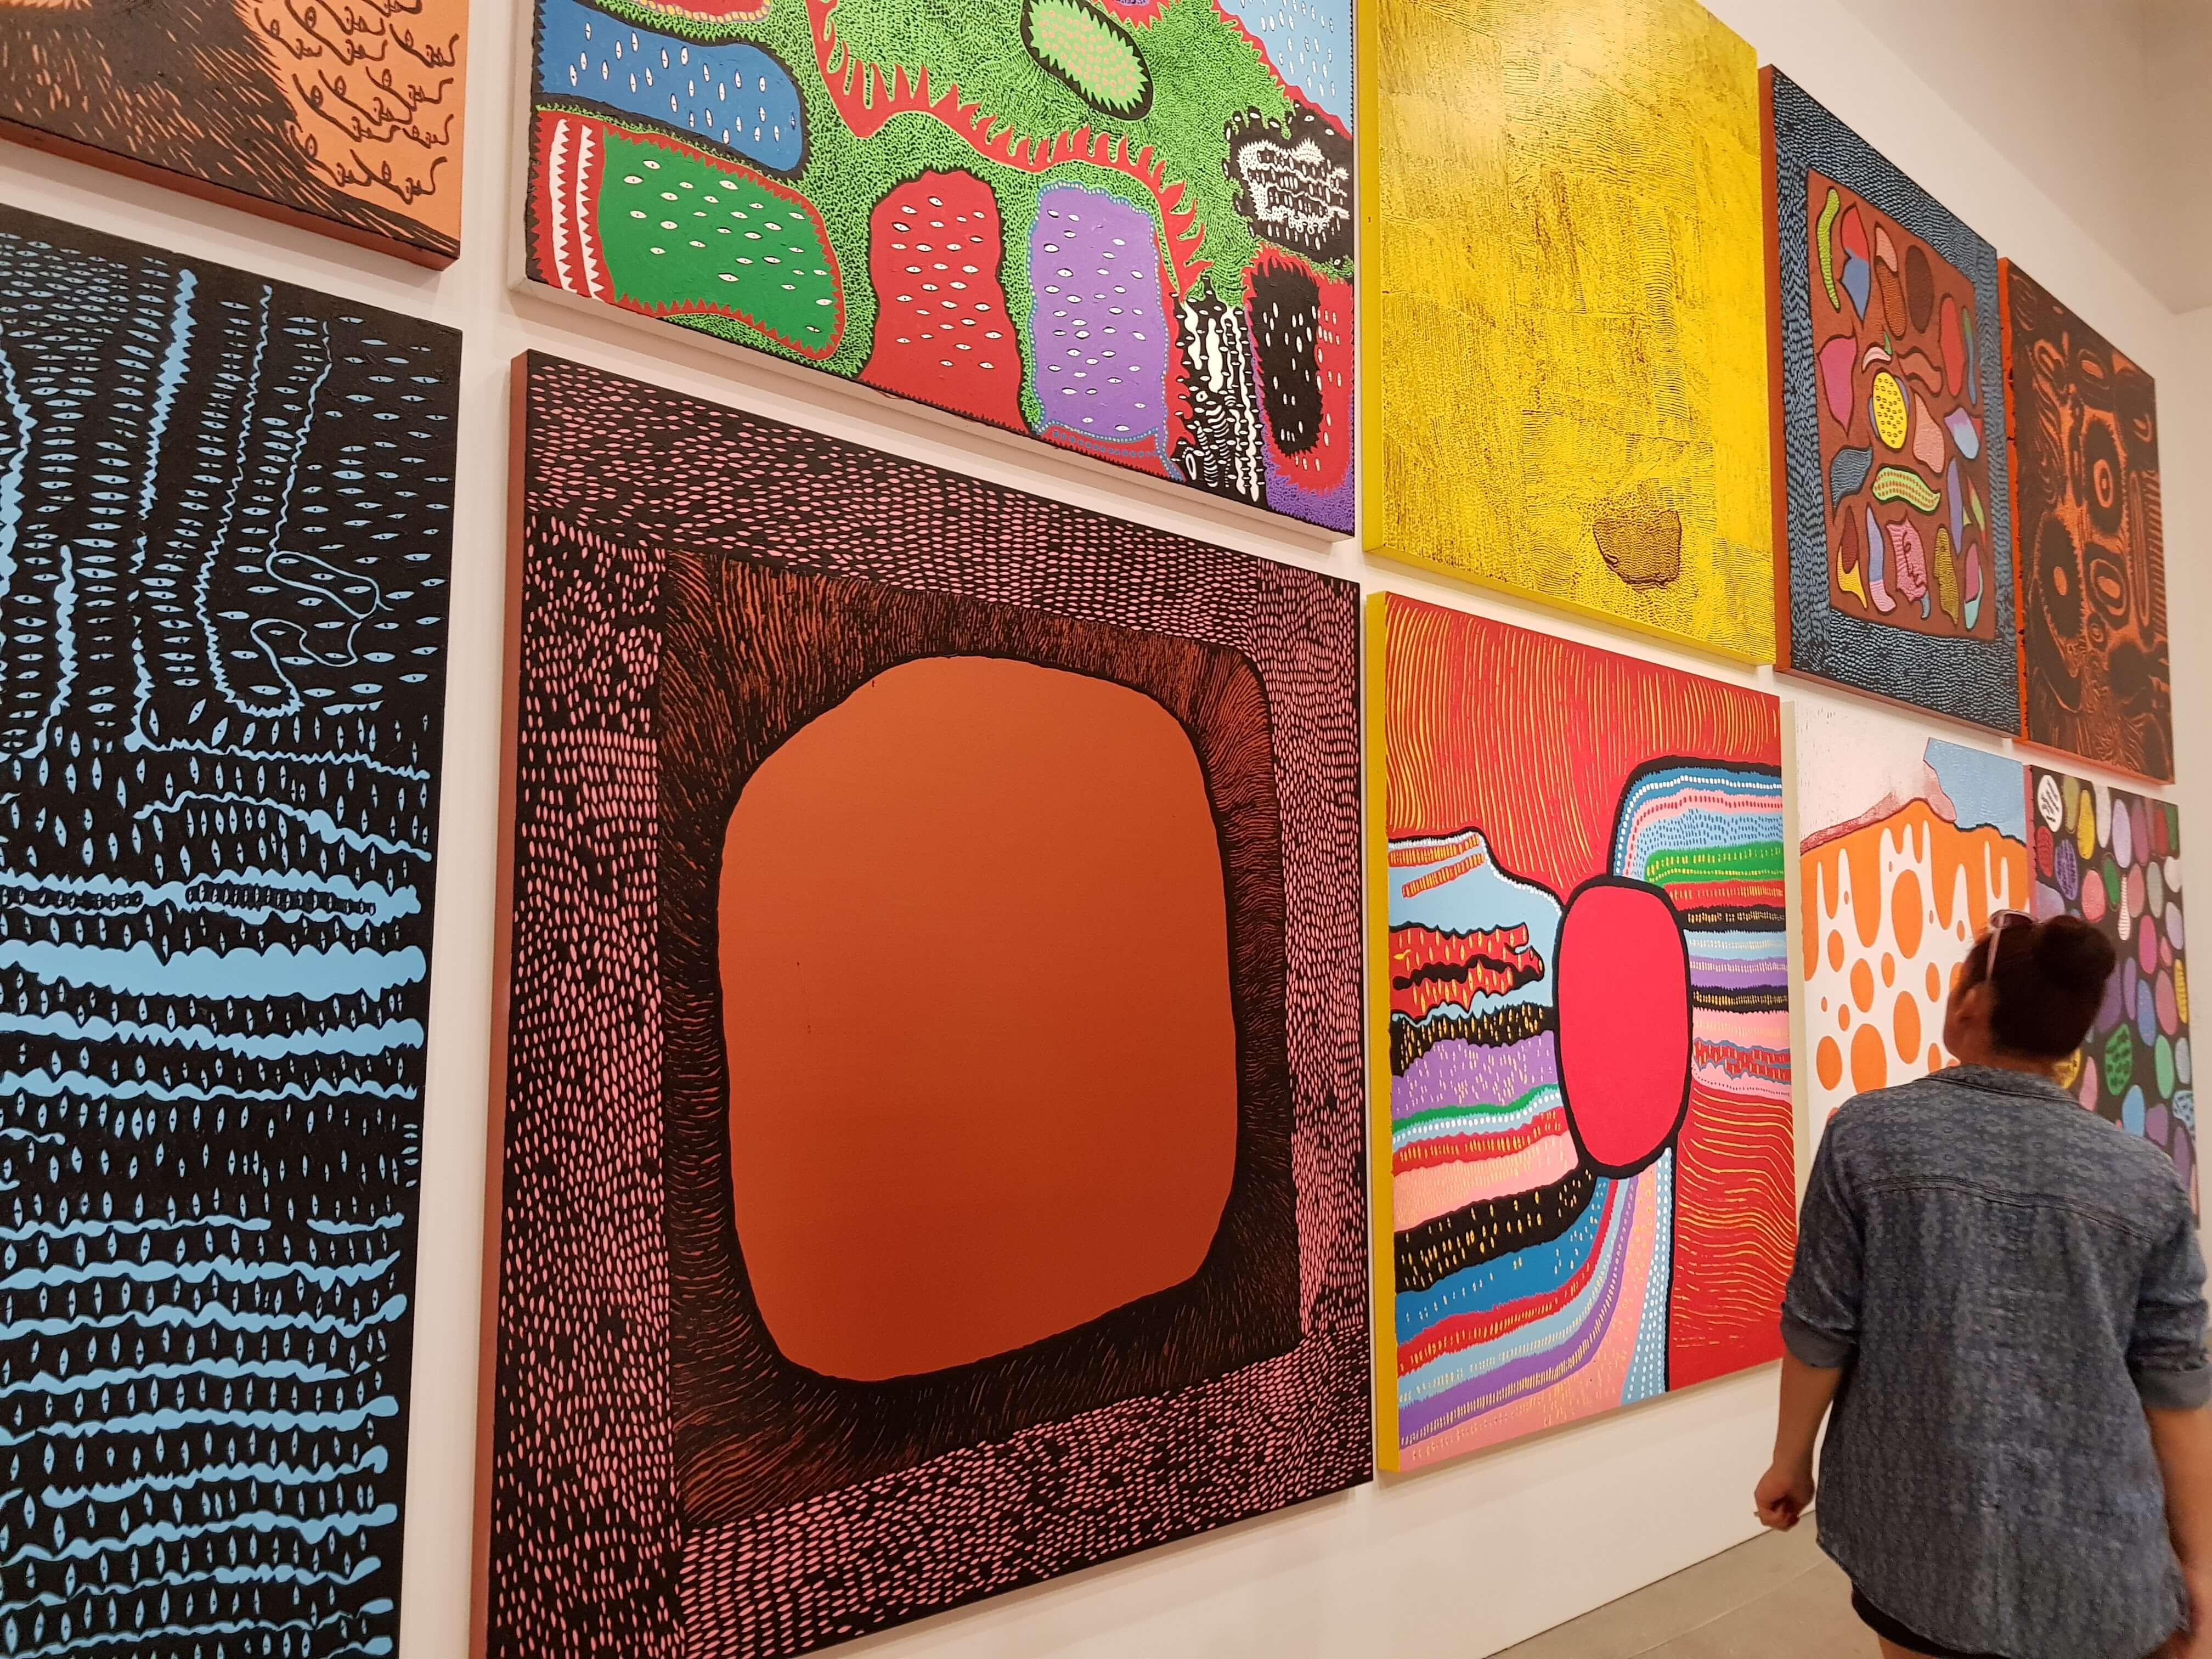 goma exhibit yayoi kusama art 2